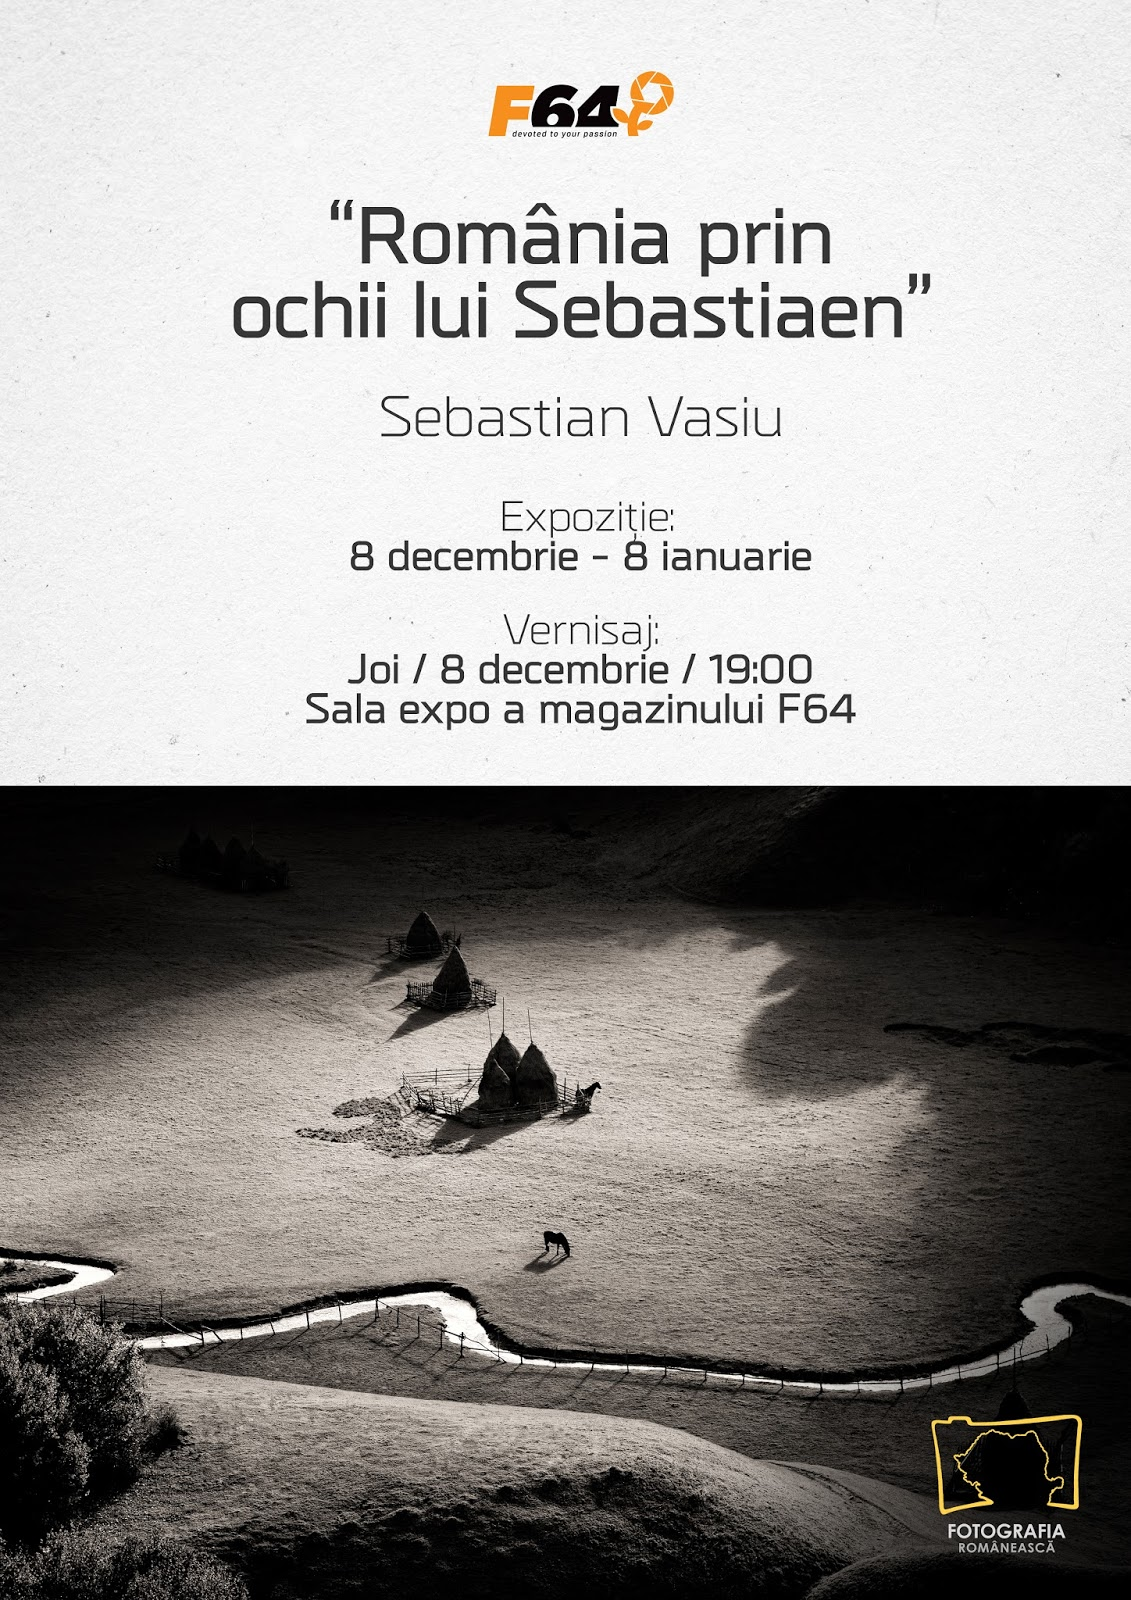 sebastian vasiu, f64, expozitie, romania prin ochii lui sebastiaen, expozitii foto, romania, bucuresti, foto, video, news, fotografii printate, campanie, fotograf, cele mai frumoase locuri din Romania